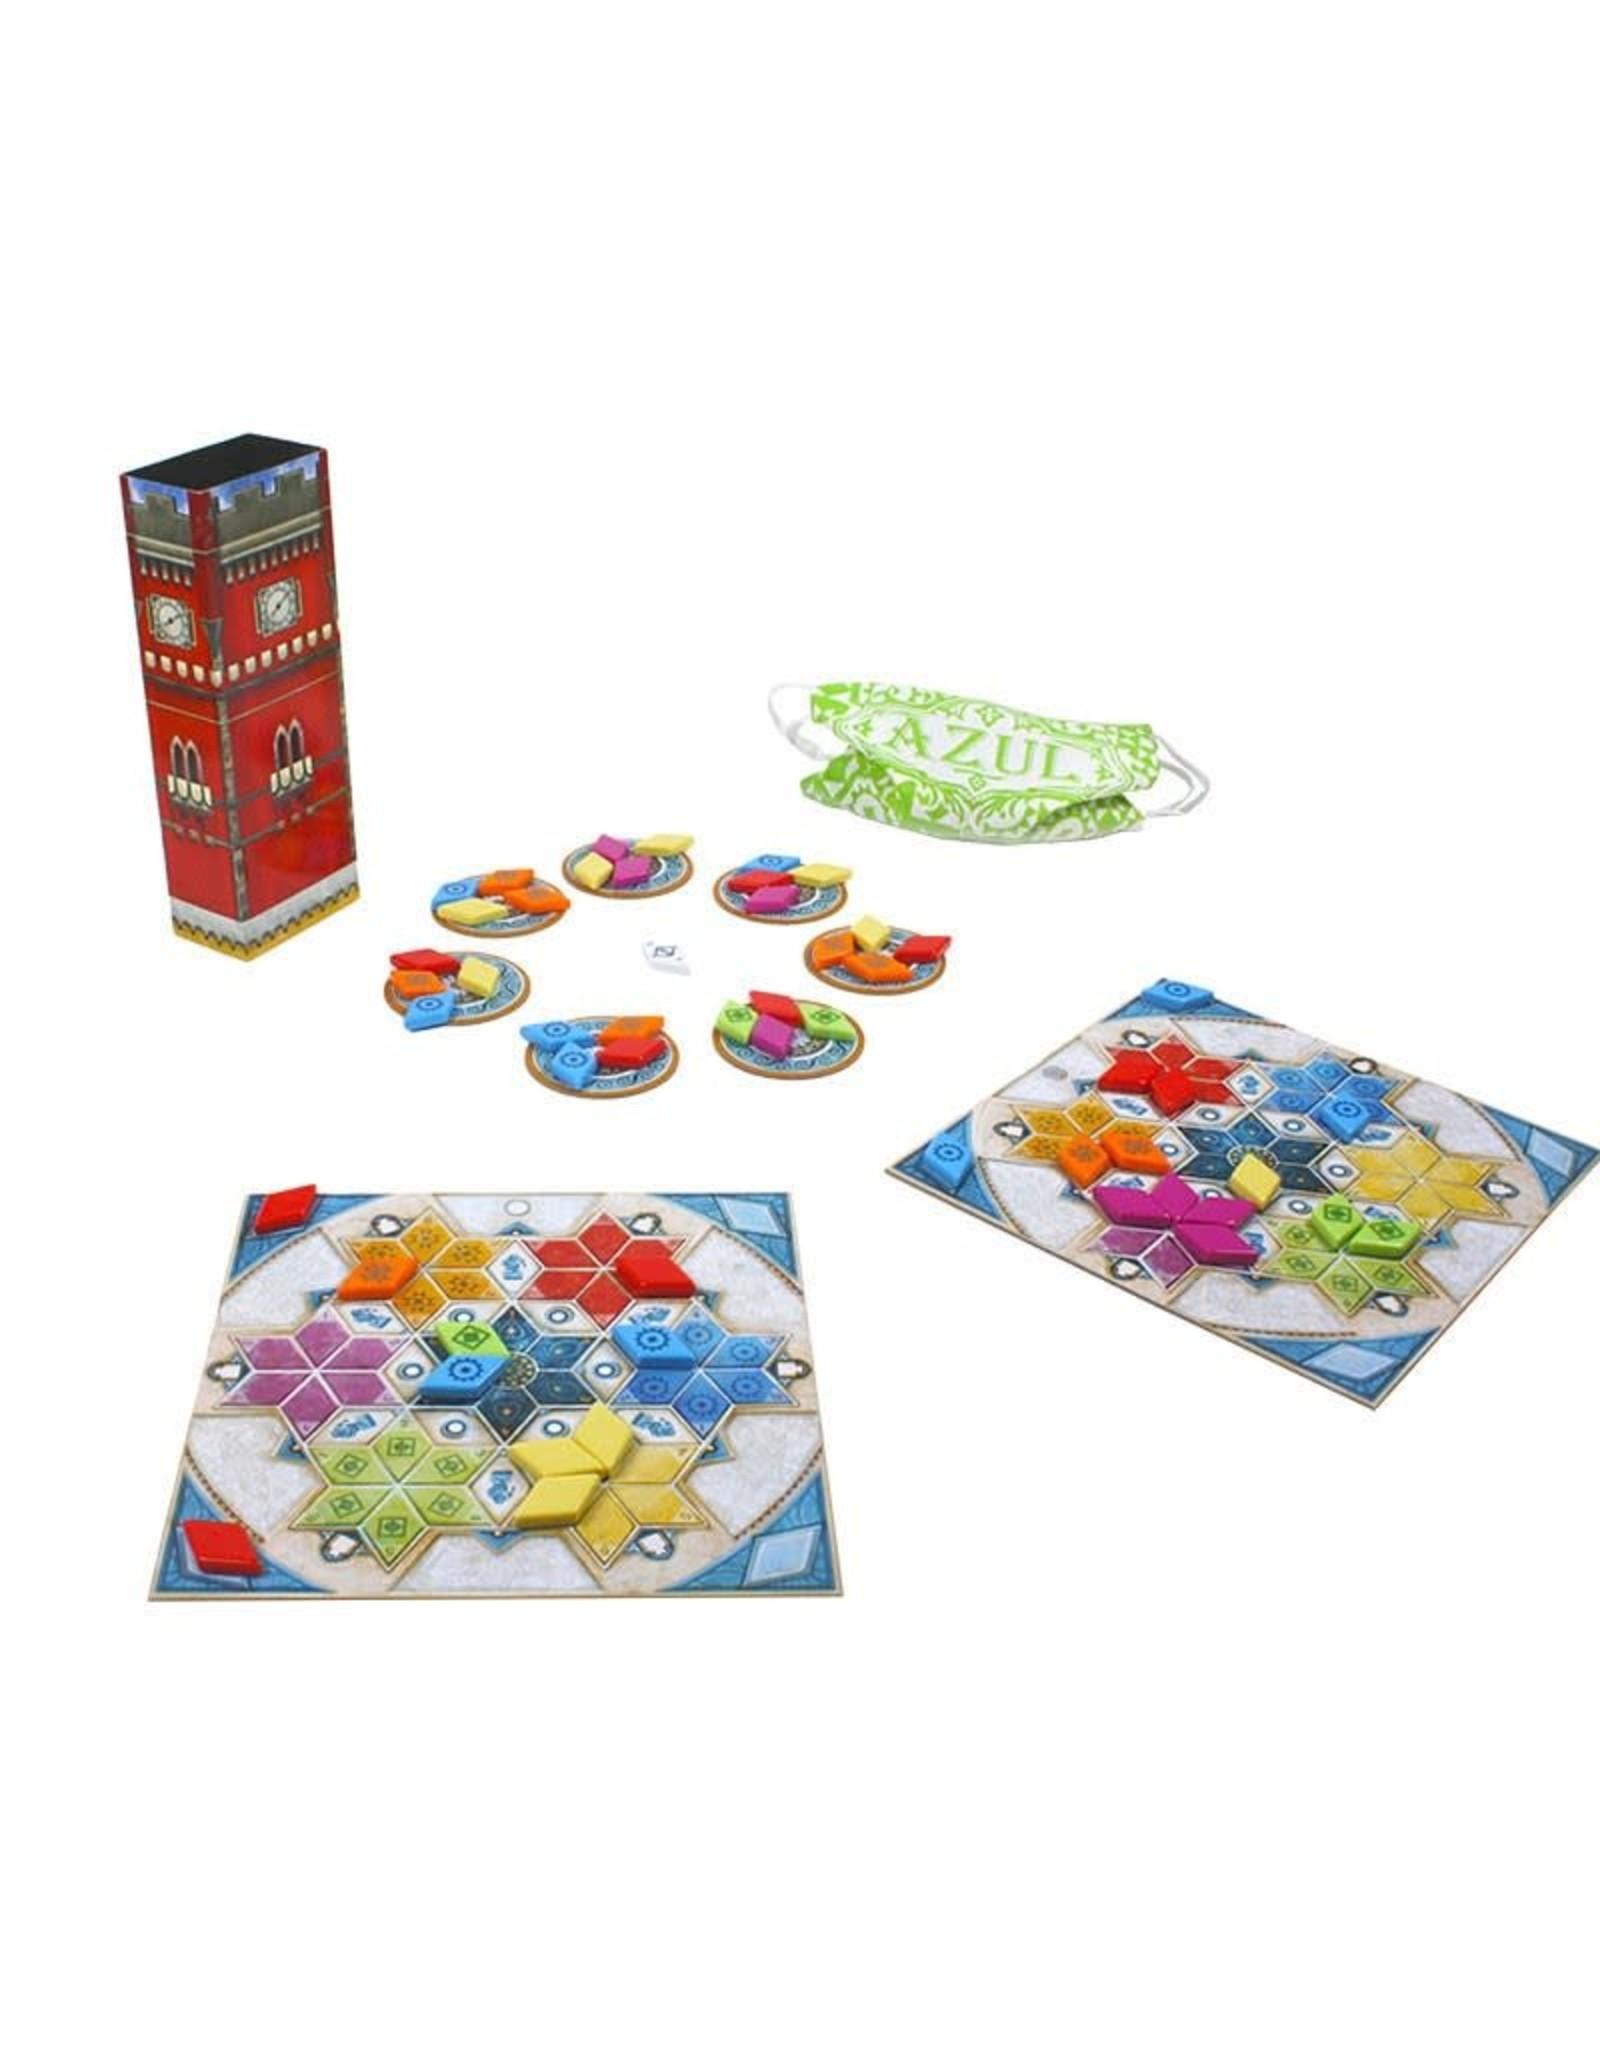 AZUL Summer Pavillion Game